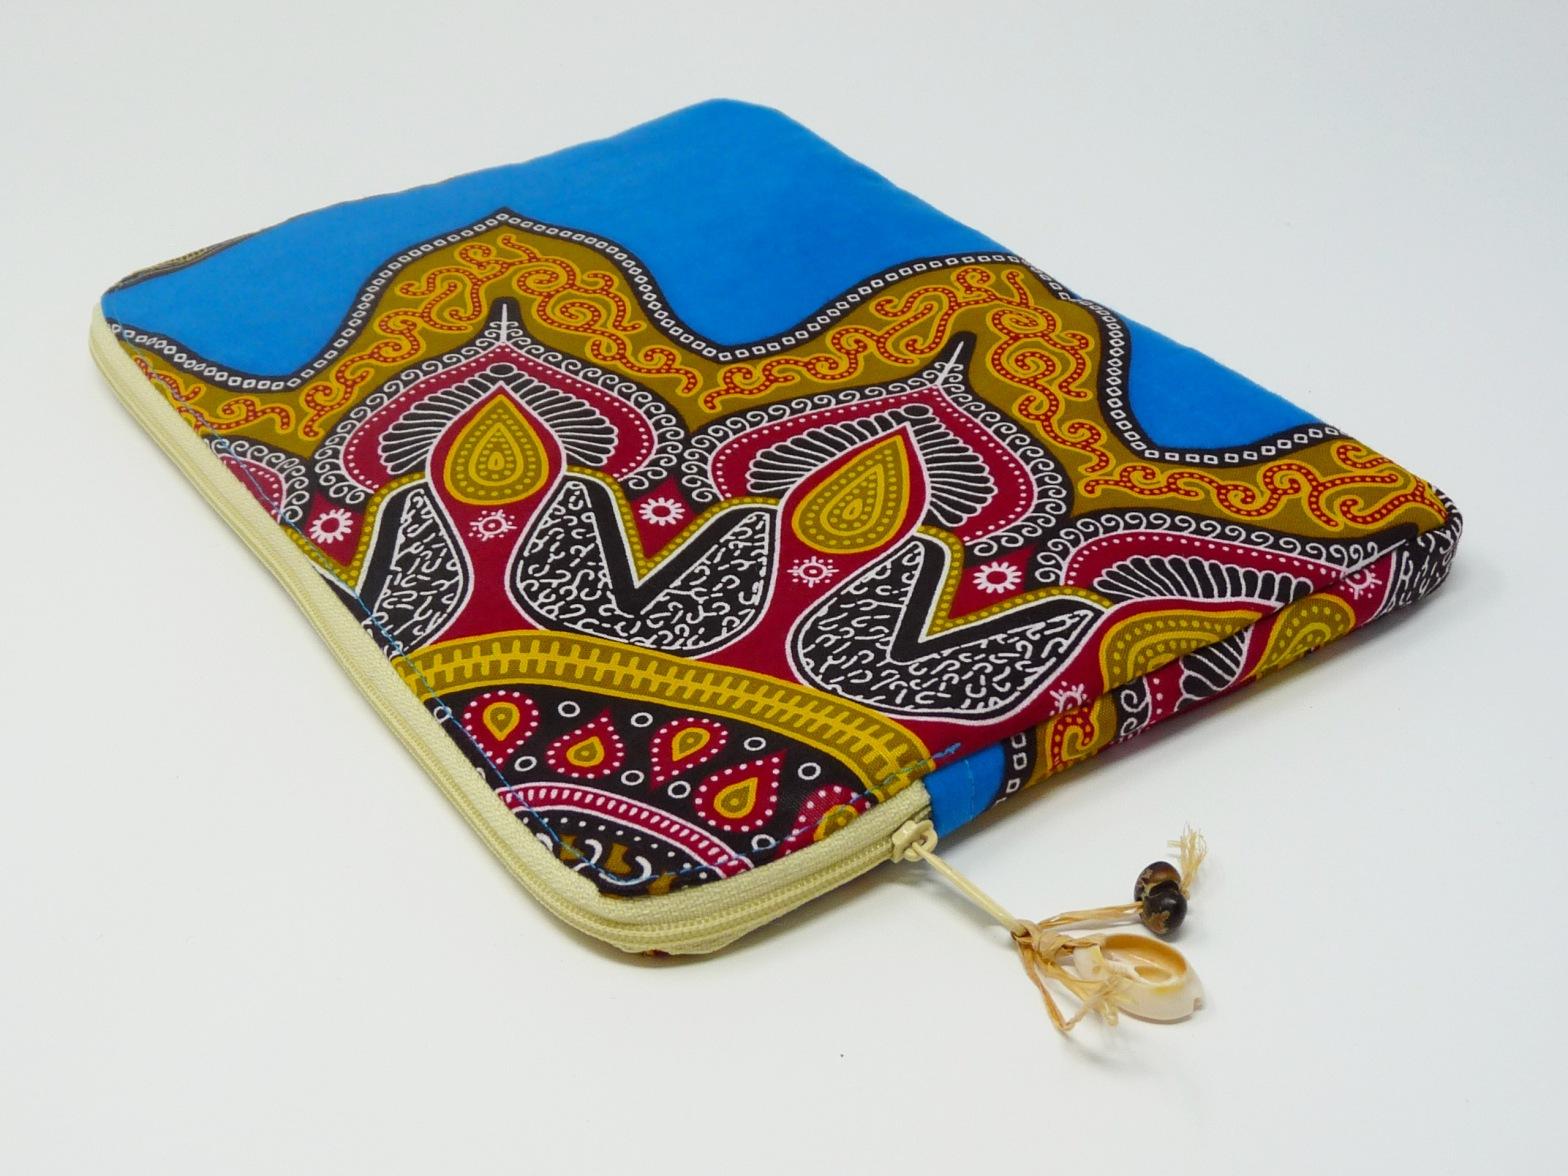 Pochette pour tablette en pagne coloré et doublure beige